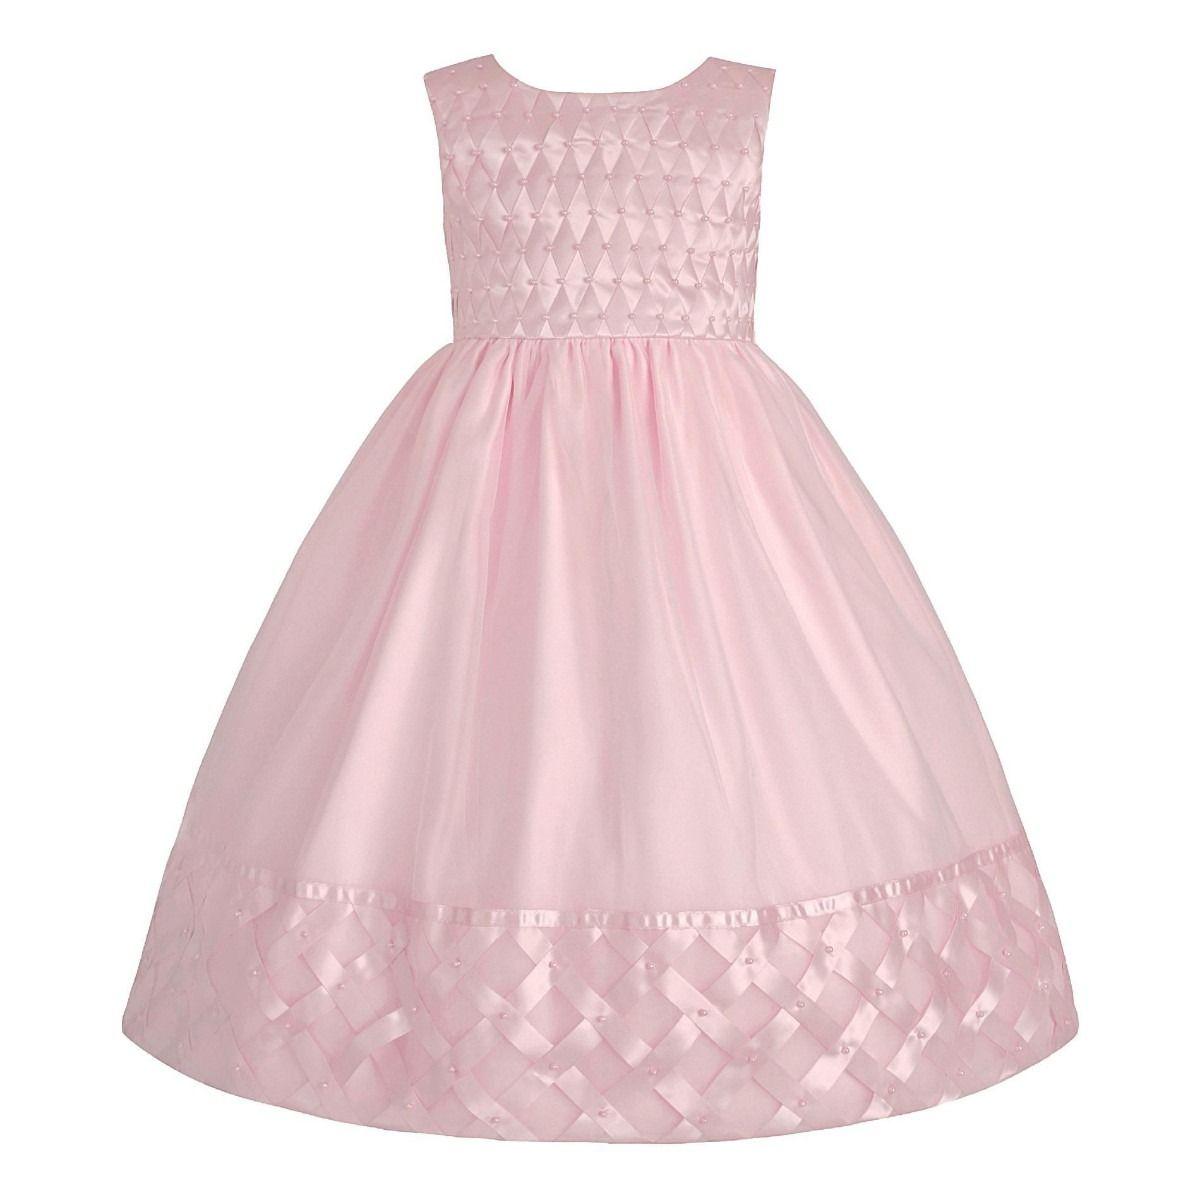 a56912288 Vestido Infantil De Festa Princesa Rosa - Lindíssimo! - R$ 149,90 no  MercadoLivre Mais